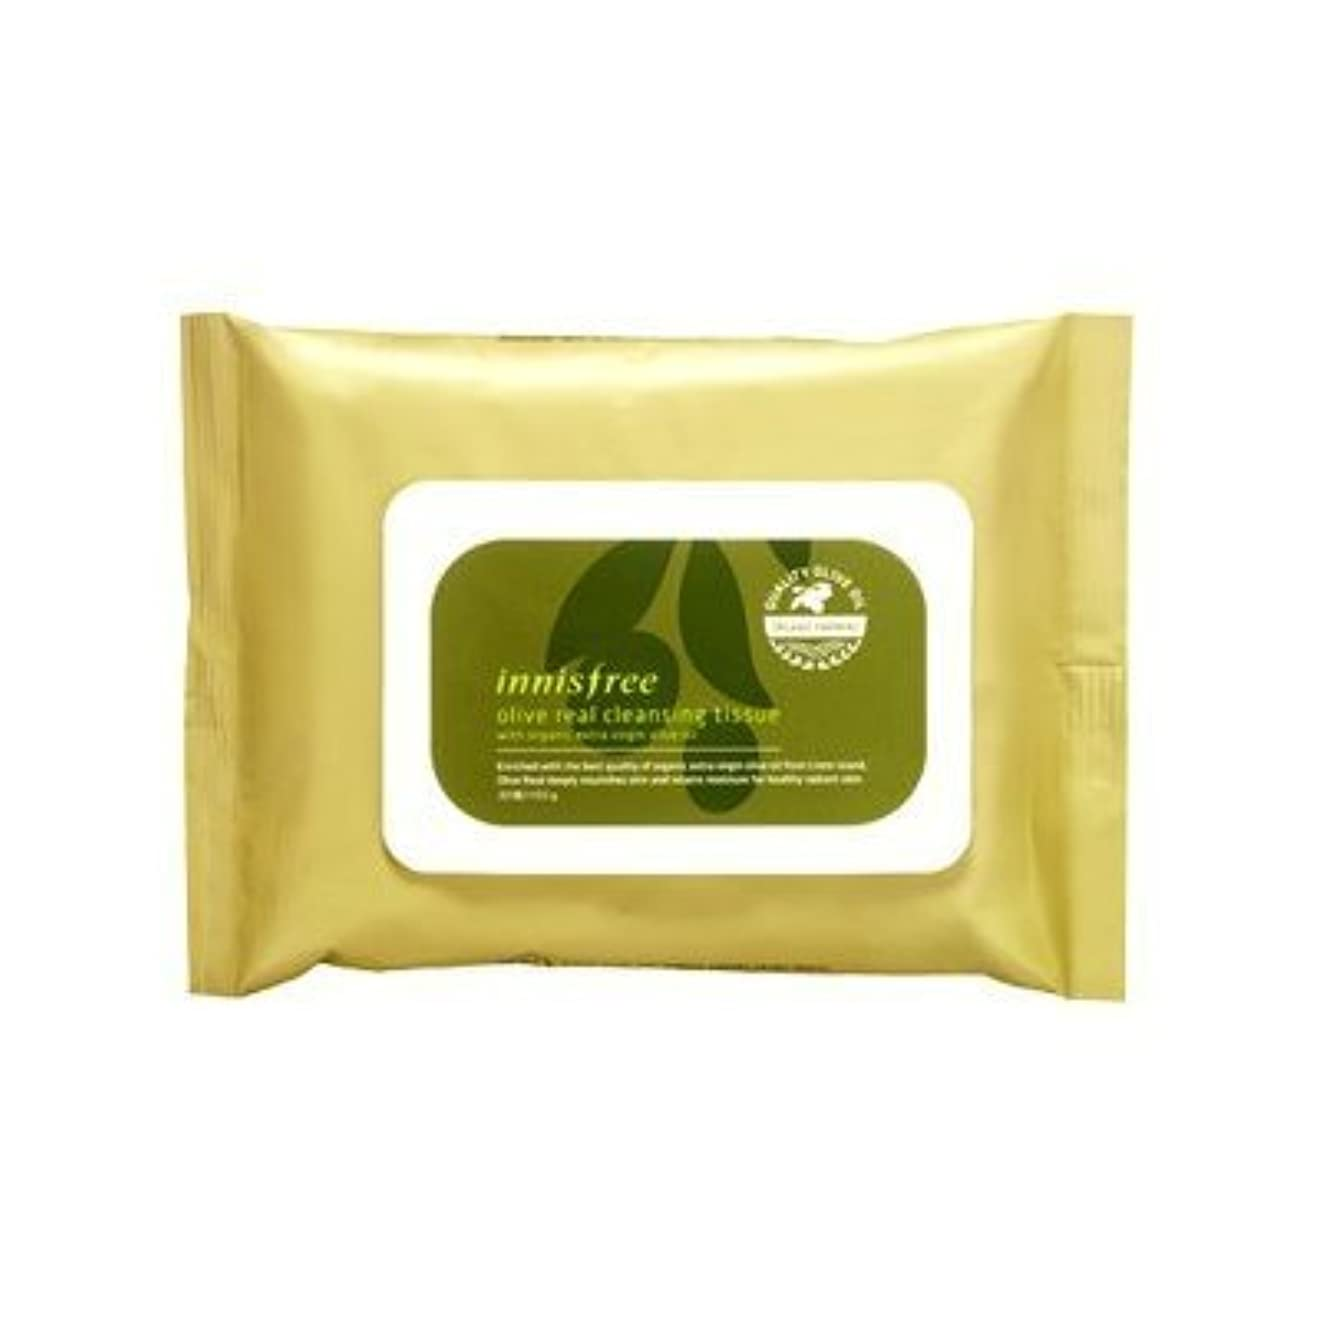 急いでかなりメタンInnisfree Olive Real Cleansing Tissue (30 sheets)